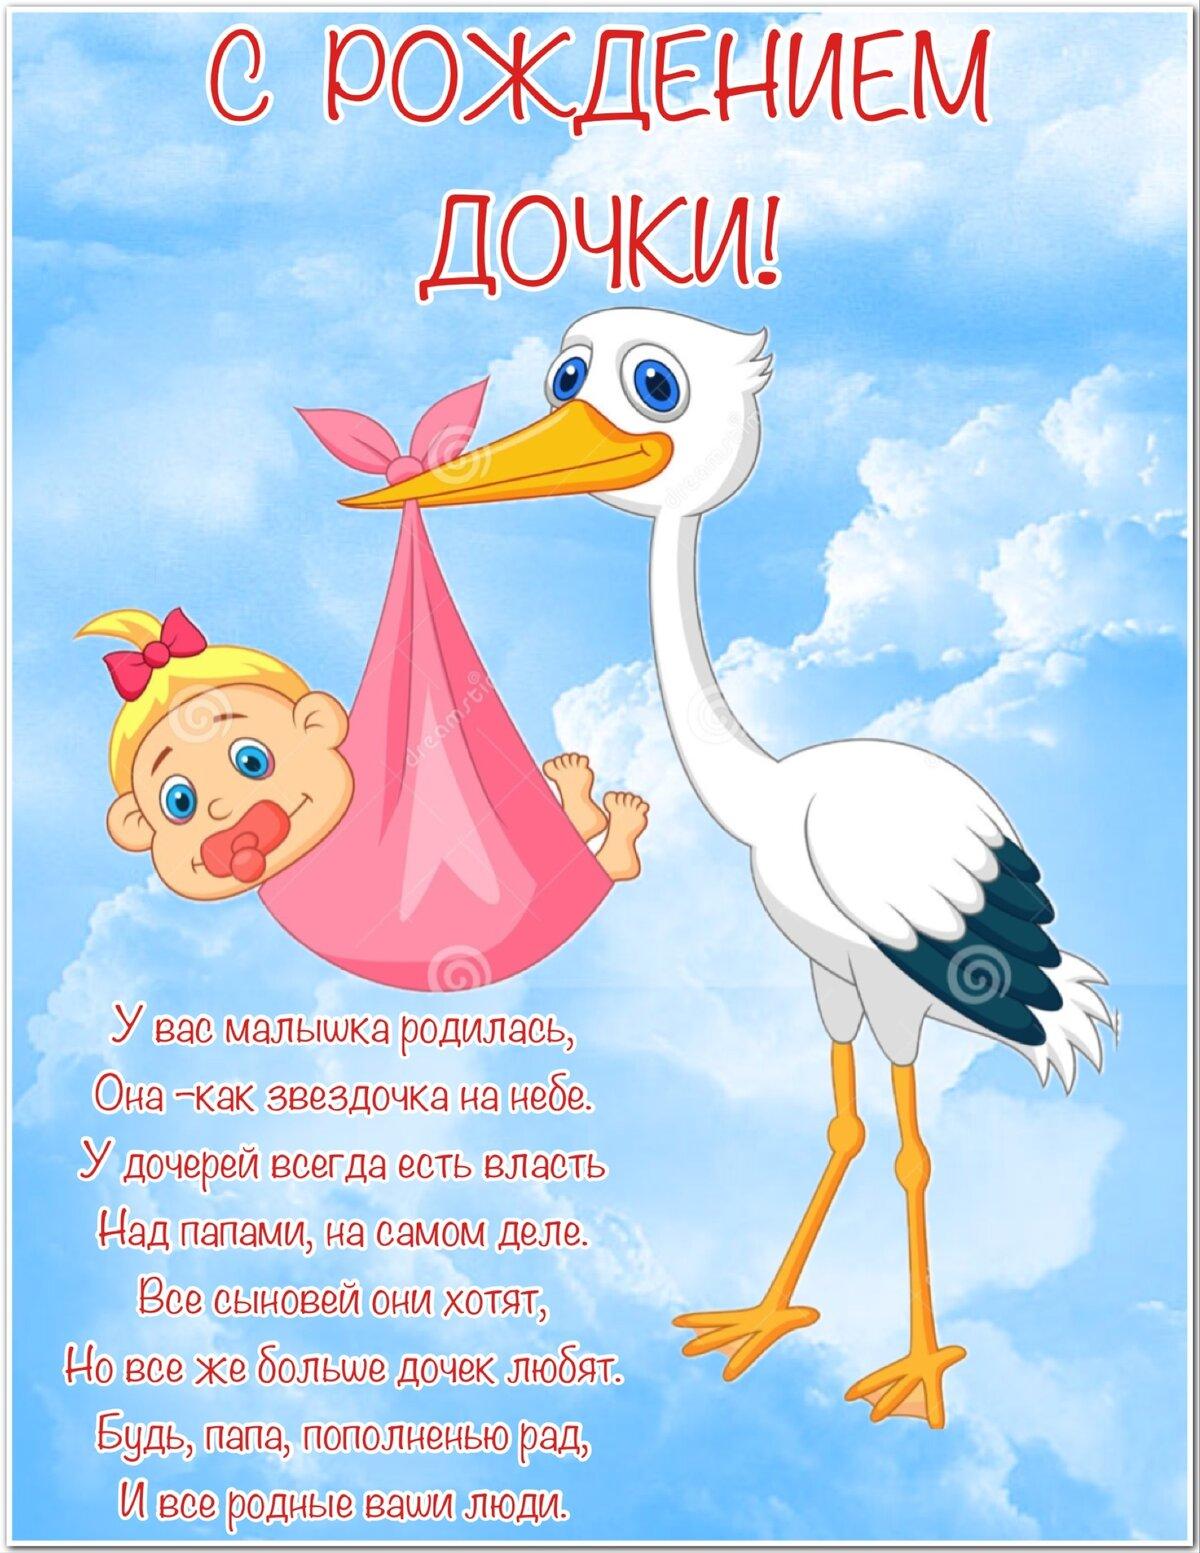 фотография статус с поздравлением рождения дочери сама будет застилаться